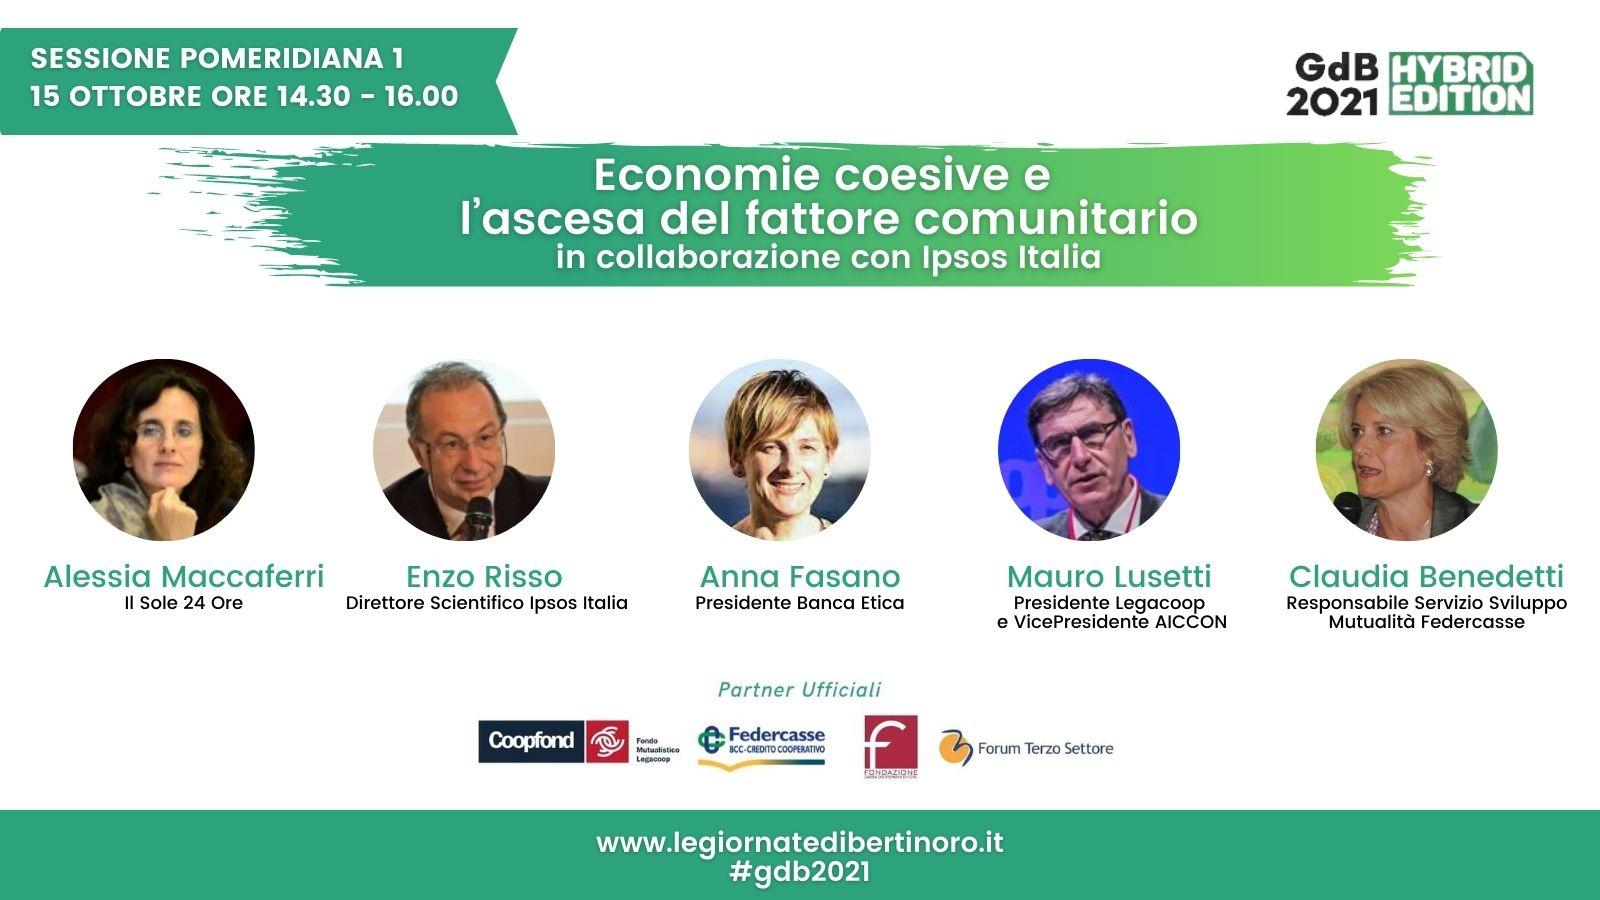 Economie Coesive E L'ascesa Del Fattore Comunitario